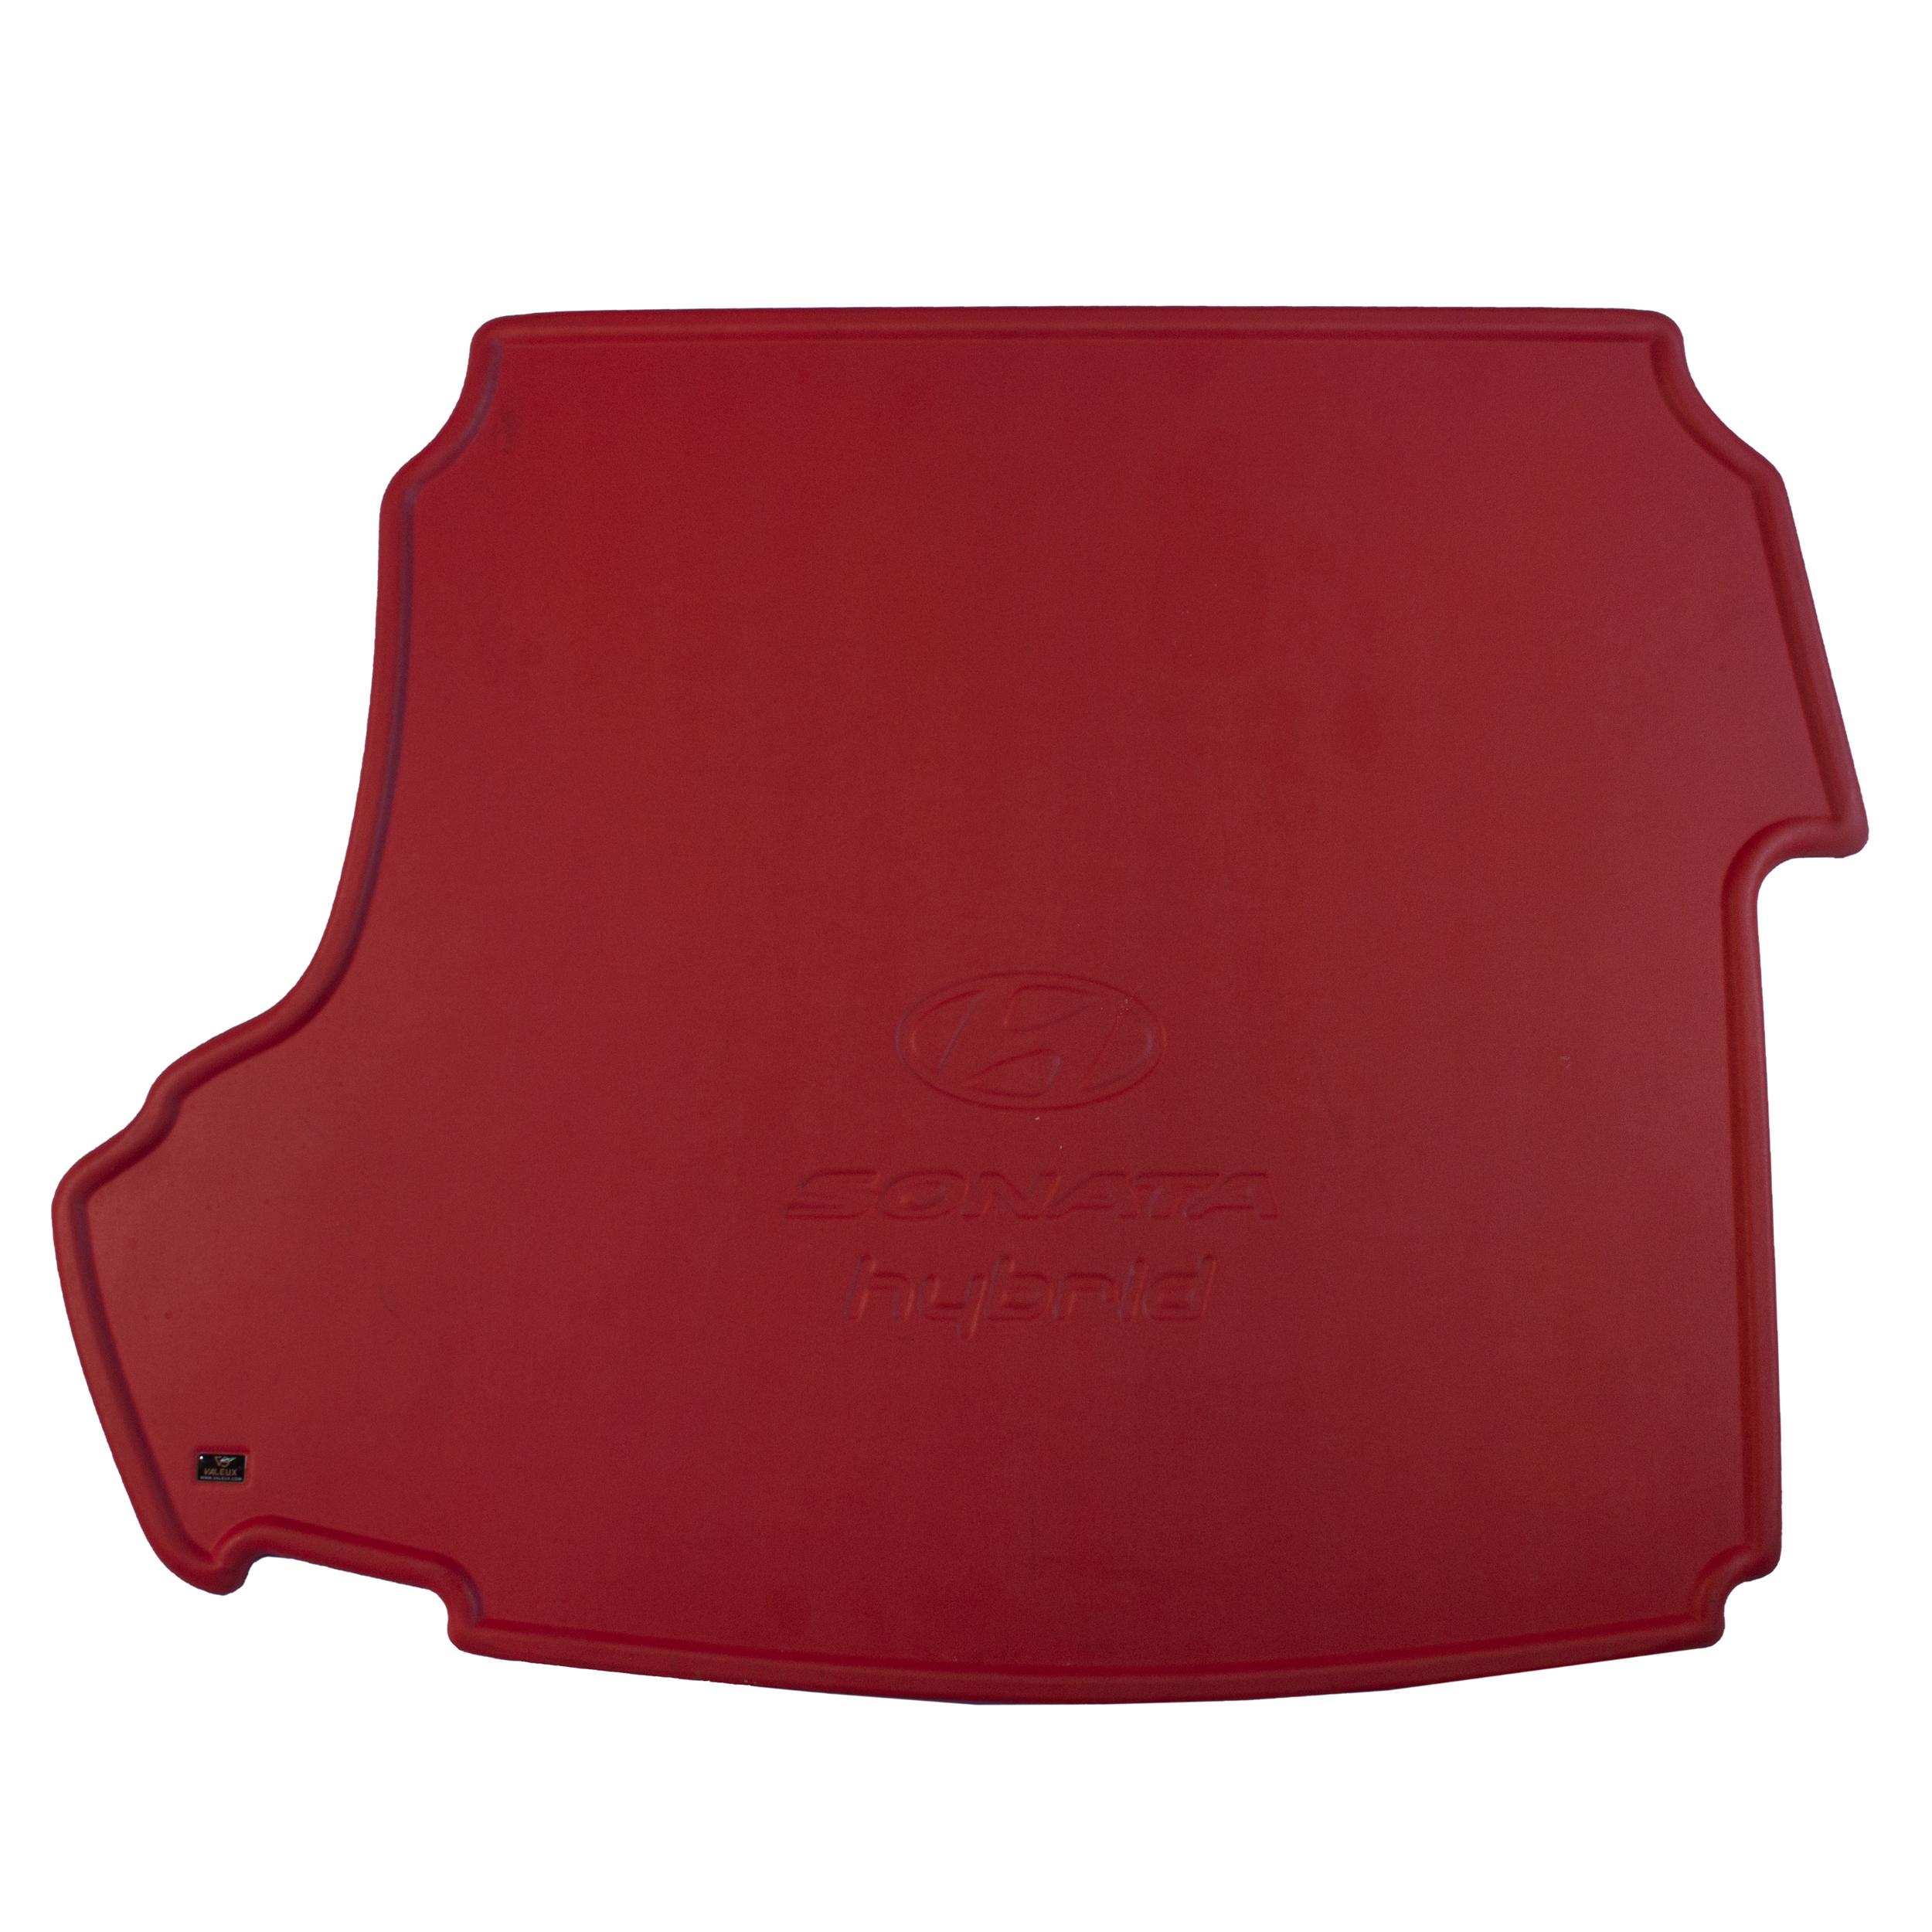 کفپوش سه بعدی صندوق خودرو کد 1053 مناسب برای هیوندای Sonata LF